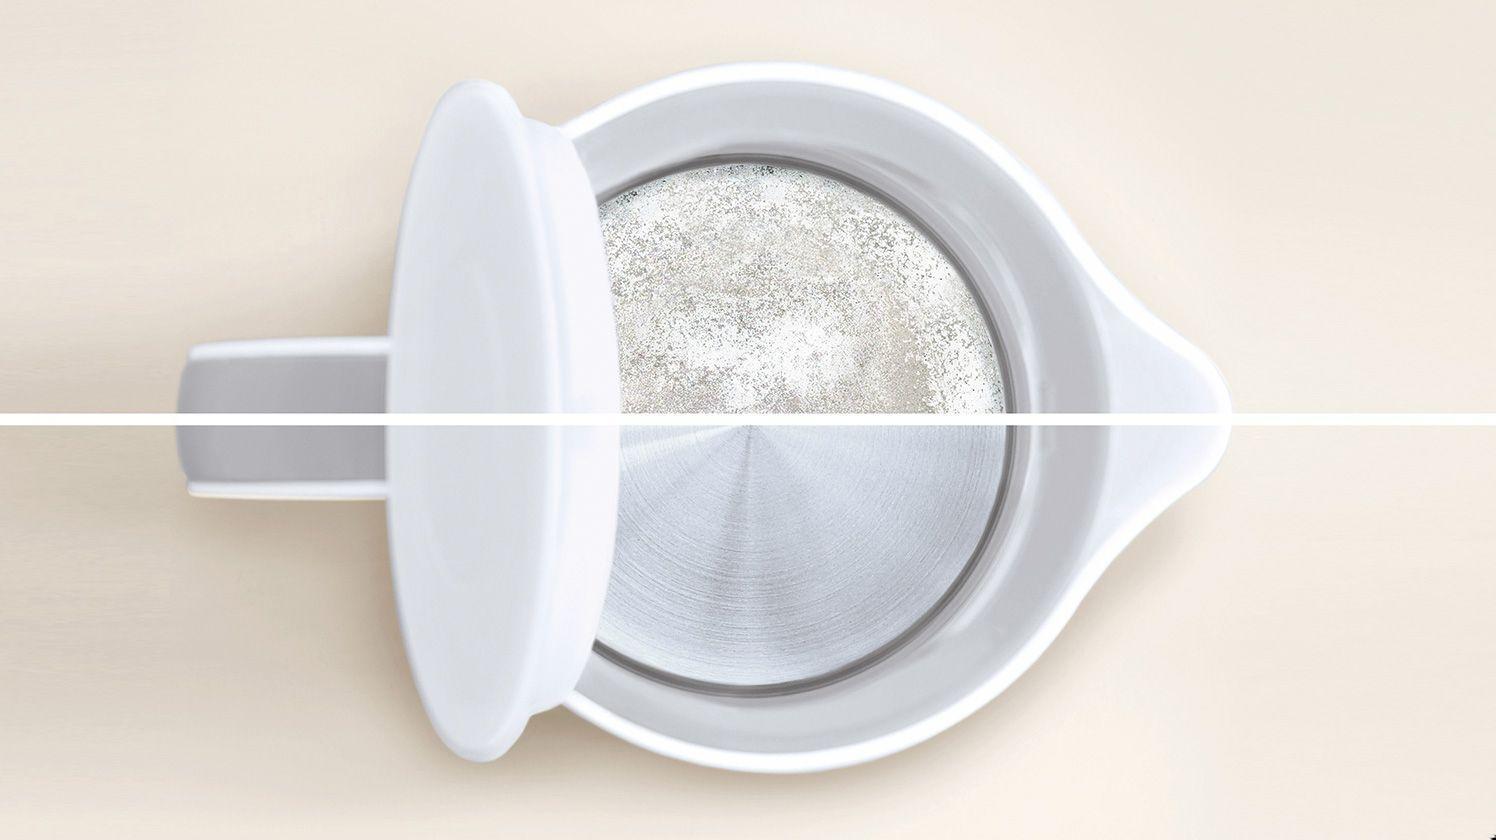 BRITA filtros y cartuchos MAXTRA+ sabor caliente